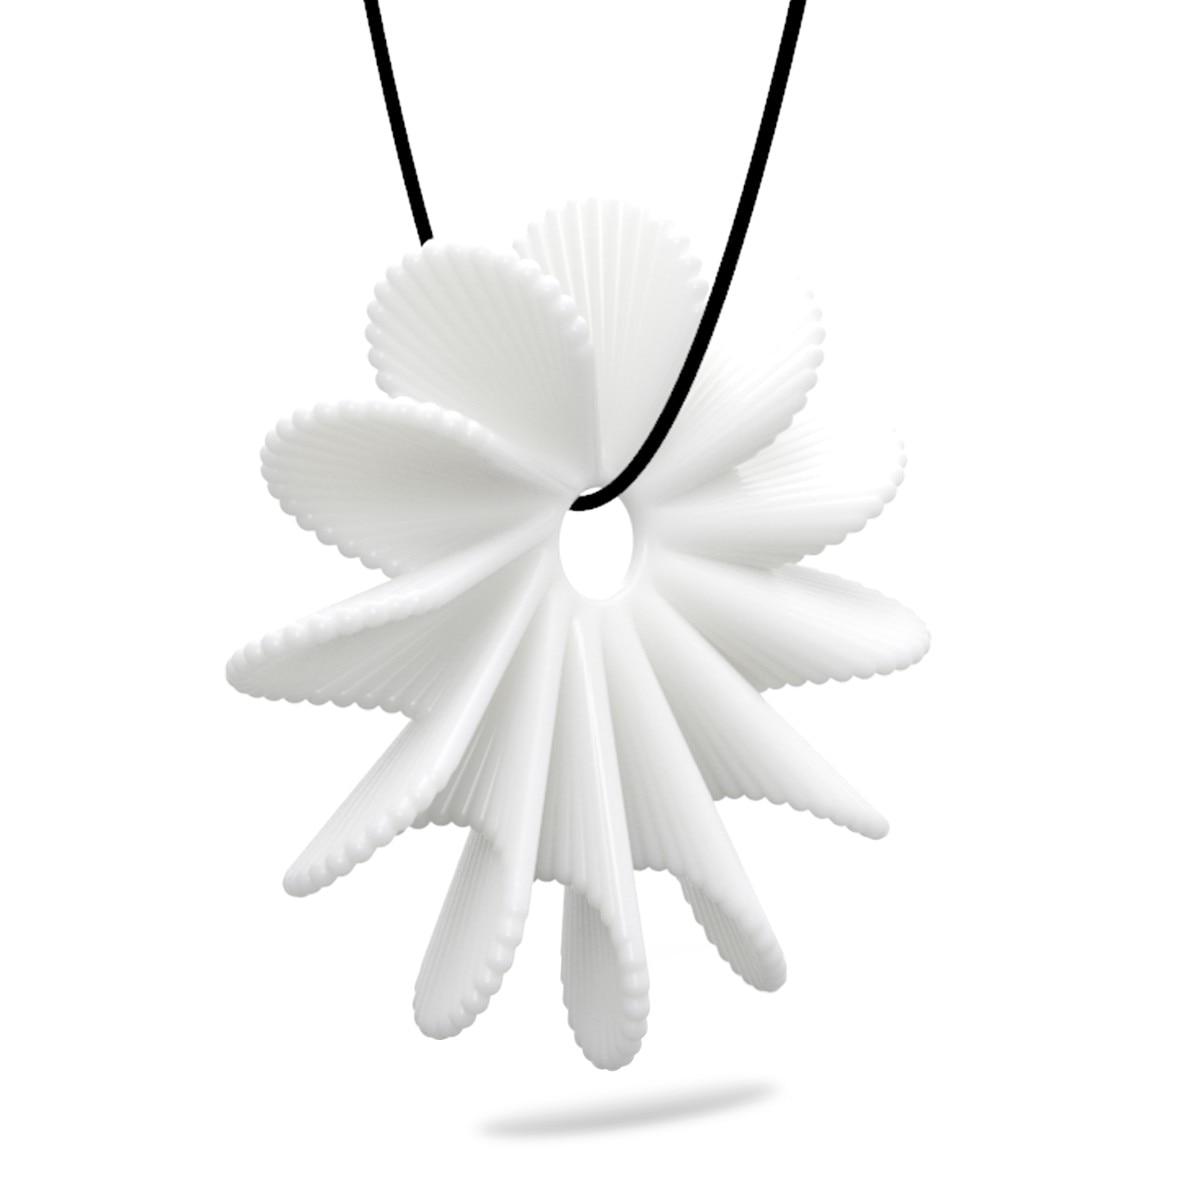 Tooarts Tomfeel Bijuterii imprimate 3D Înflorit Floare Modelare - Decoratiune interioara - Fotografie 2